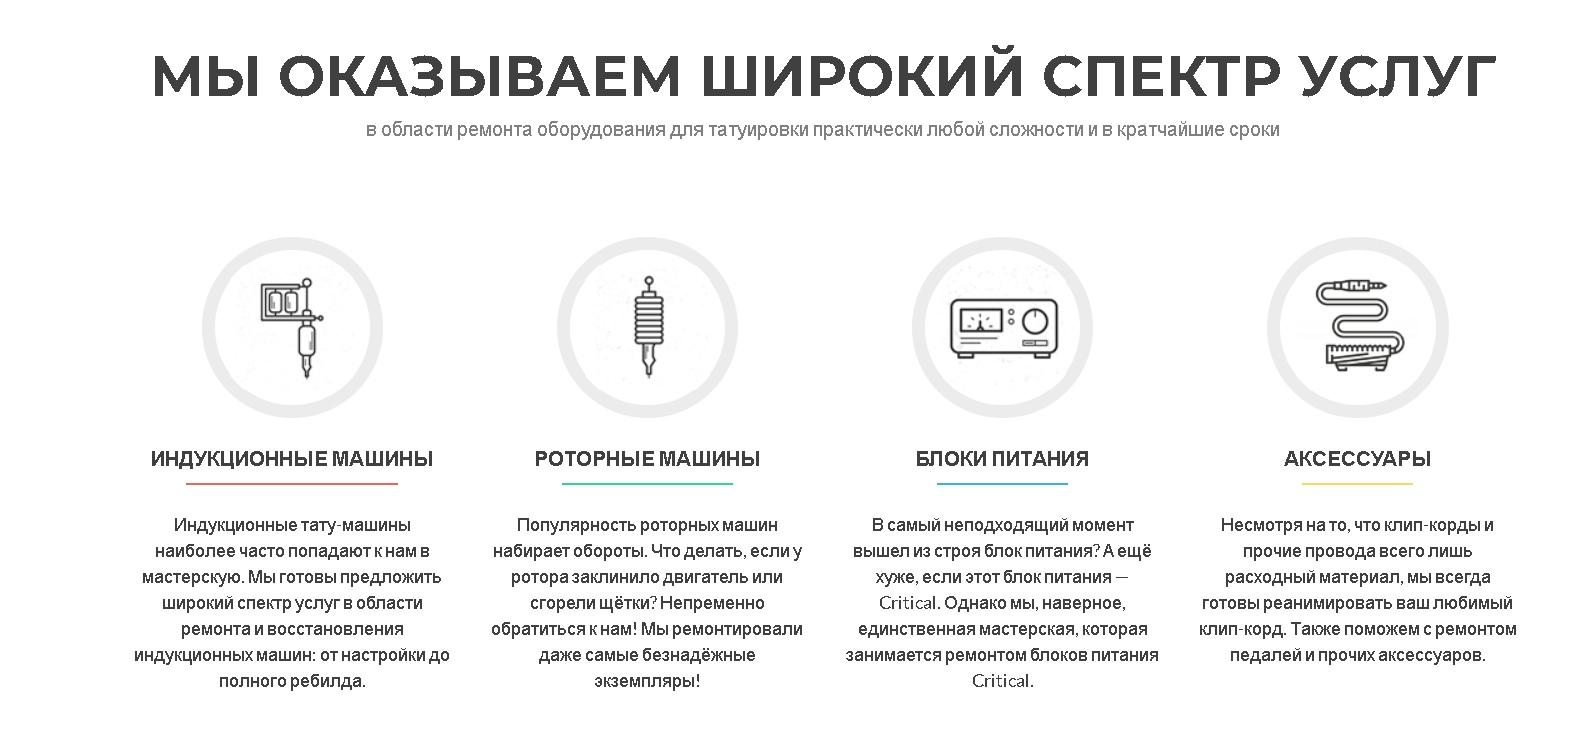 https://punktirtattoo.ru/services